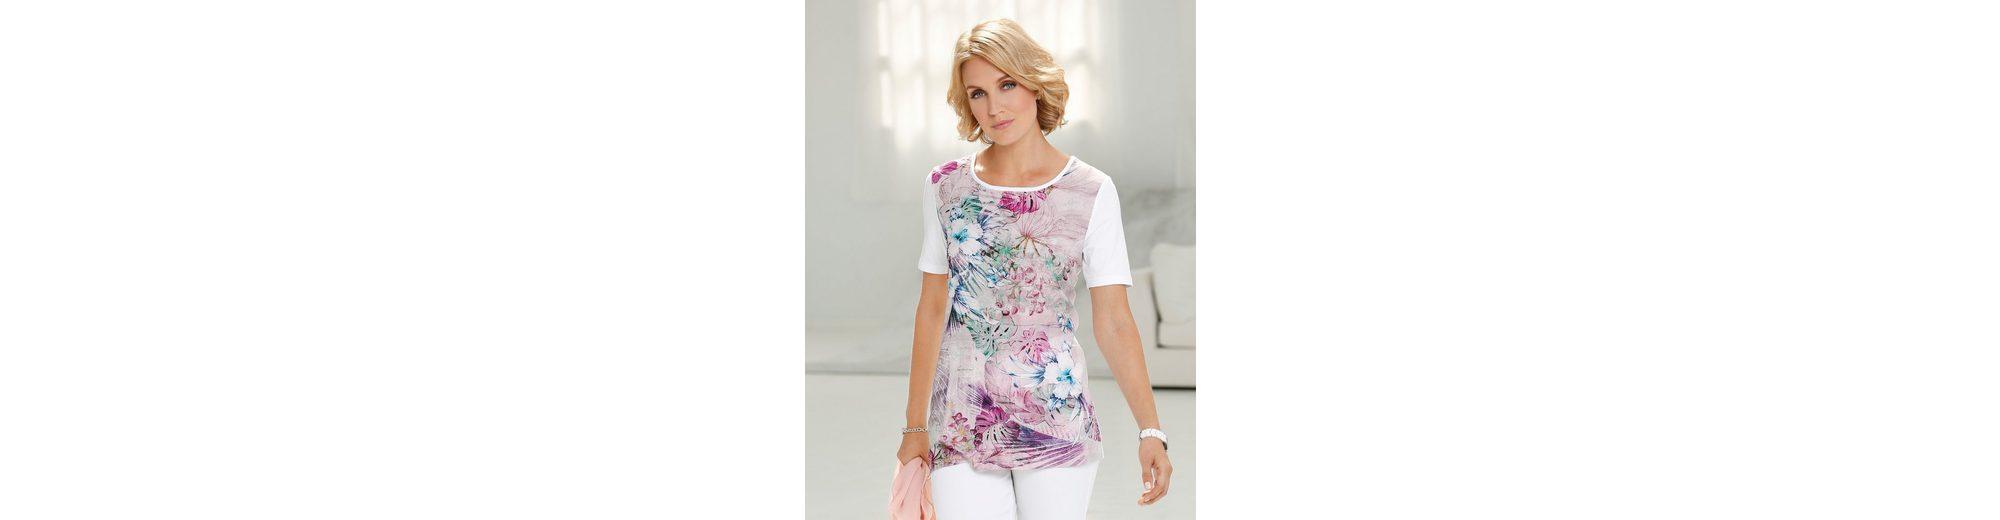 Spielraum Lohn Mit Paypal Paola Shirt mit exklusivem Druck Neue Stile Kaufen Online-Verkauf JmUNk